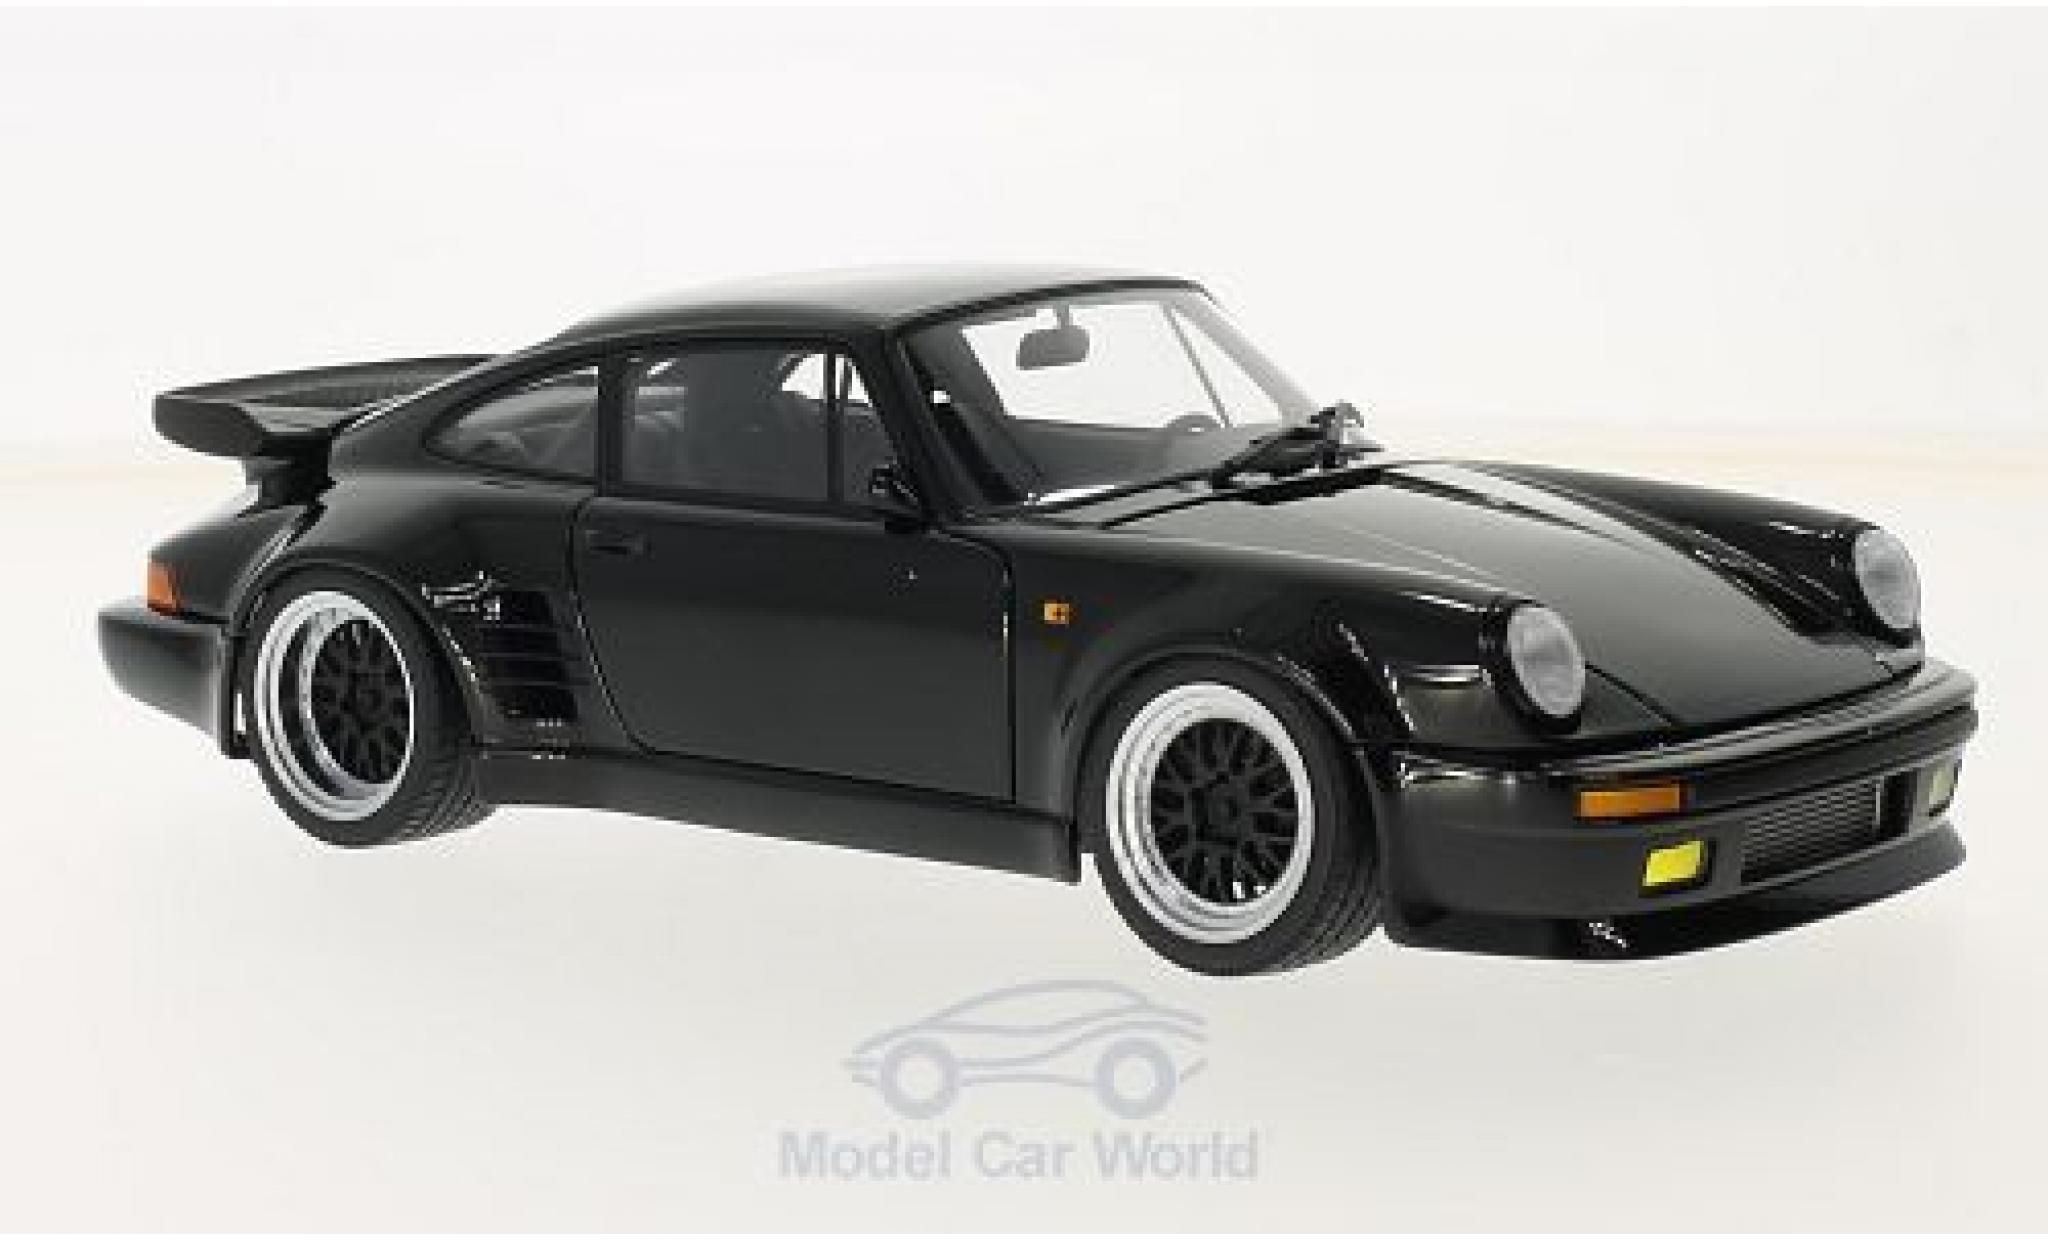 Porsche 911 1/18 AUTOart (930) Turbo noire Wangan Midnight Blackbird